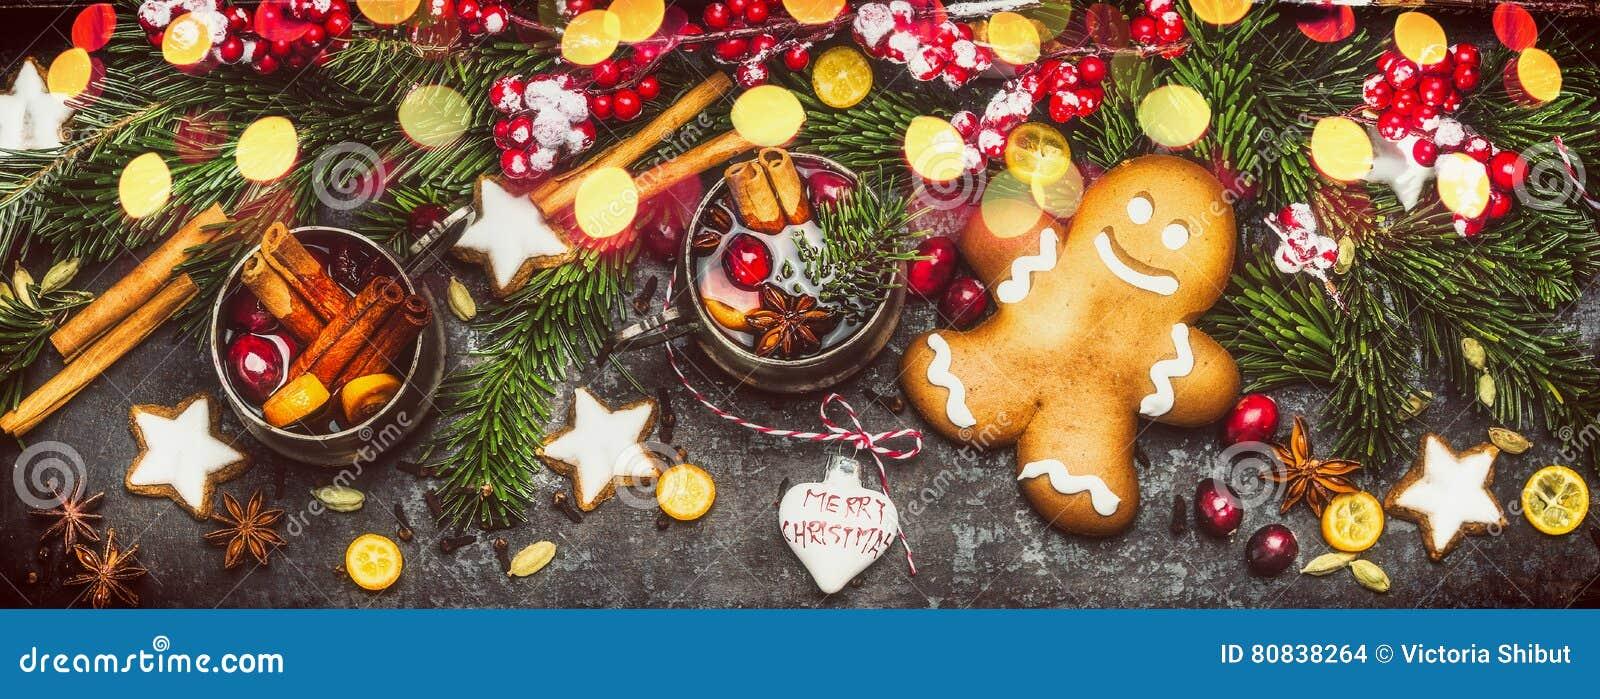 De Kerstmisbanner met de Peperkoekmens, Koekjes, overwoog wijn, vakantiedecoratie, spartakken en feestelijke bokehverlichting op